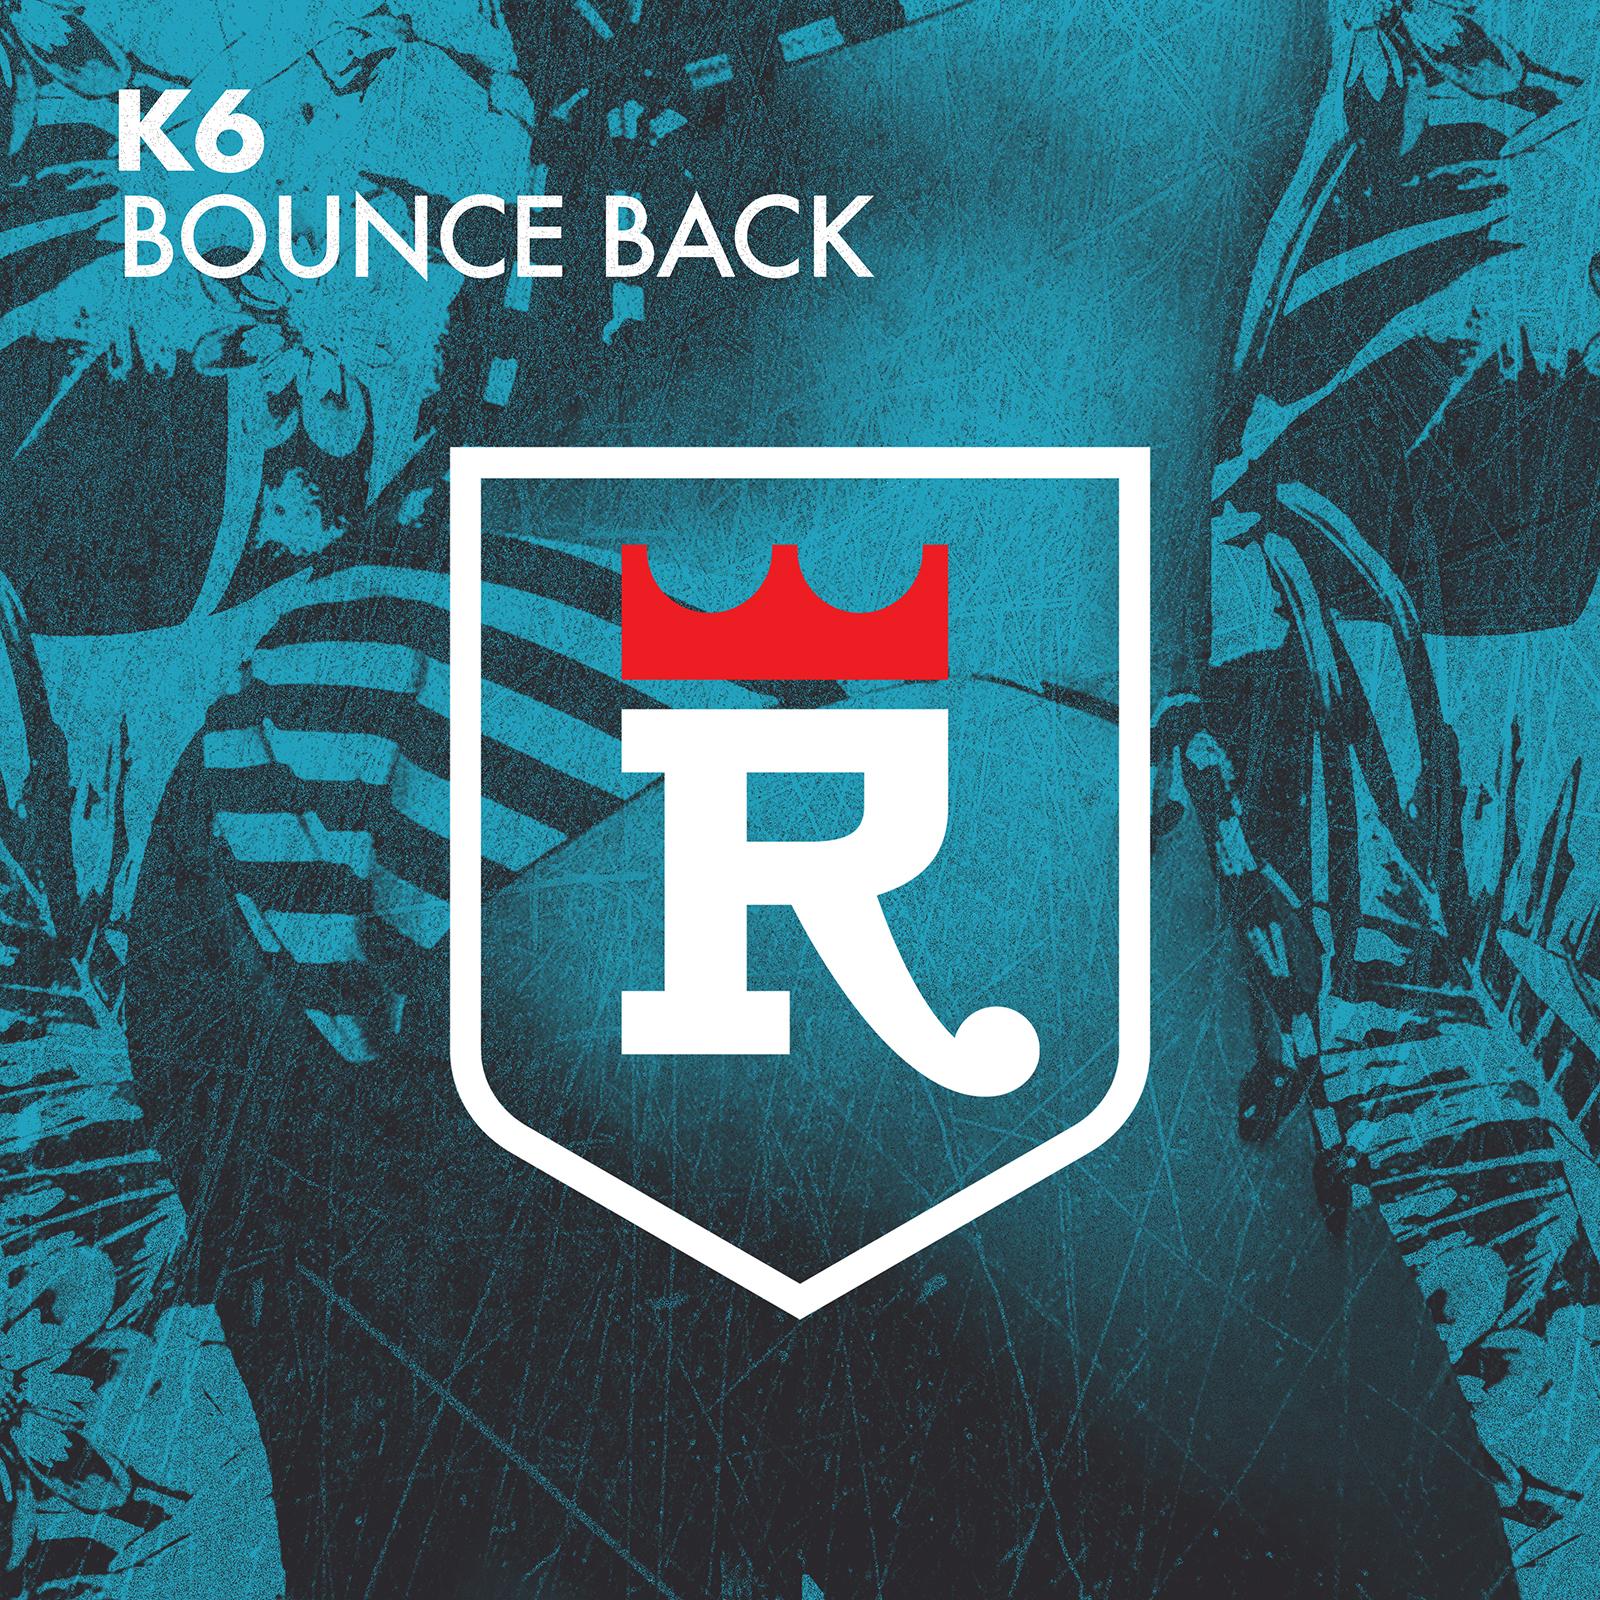 K6- Bounce back